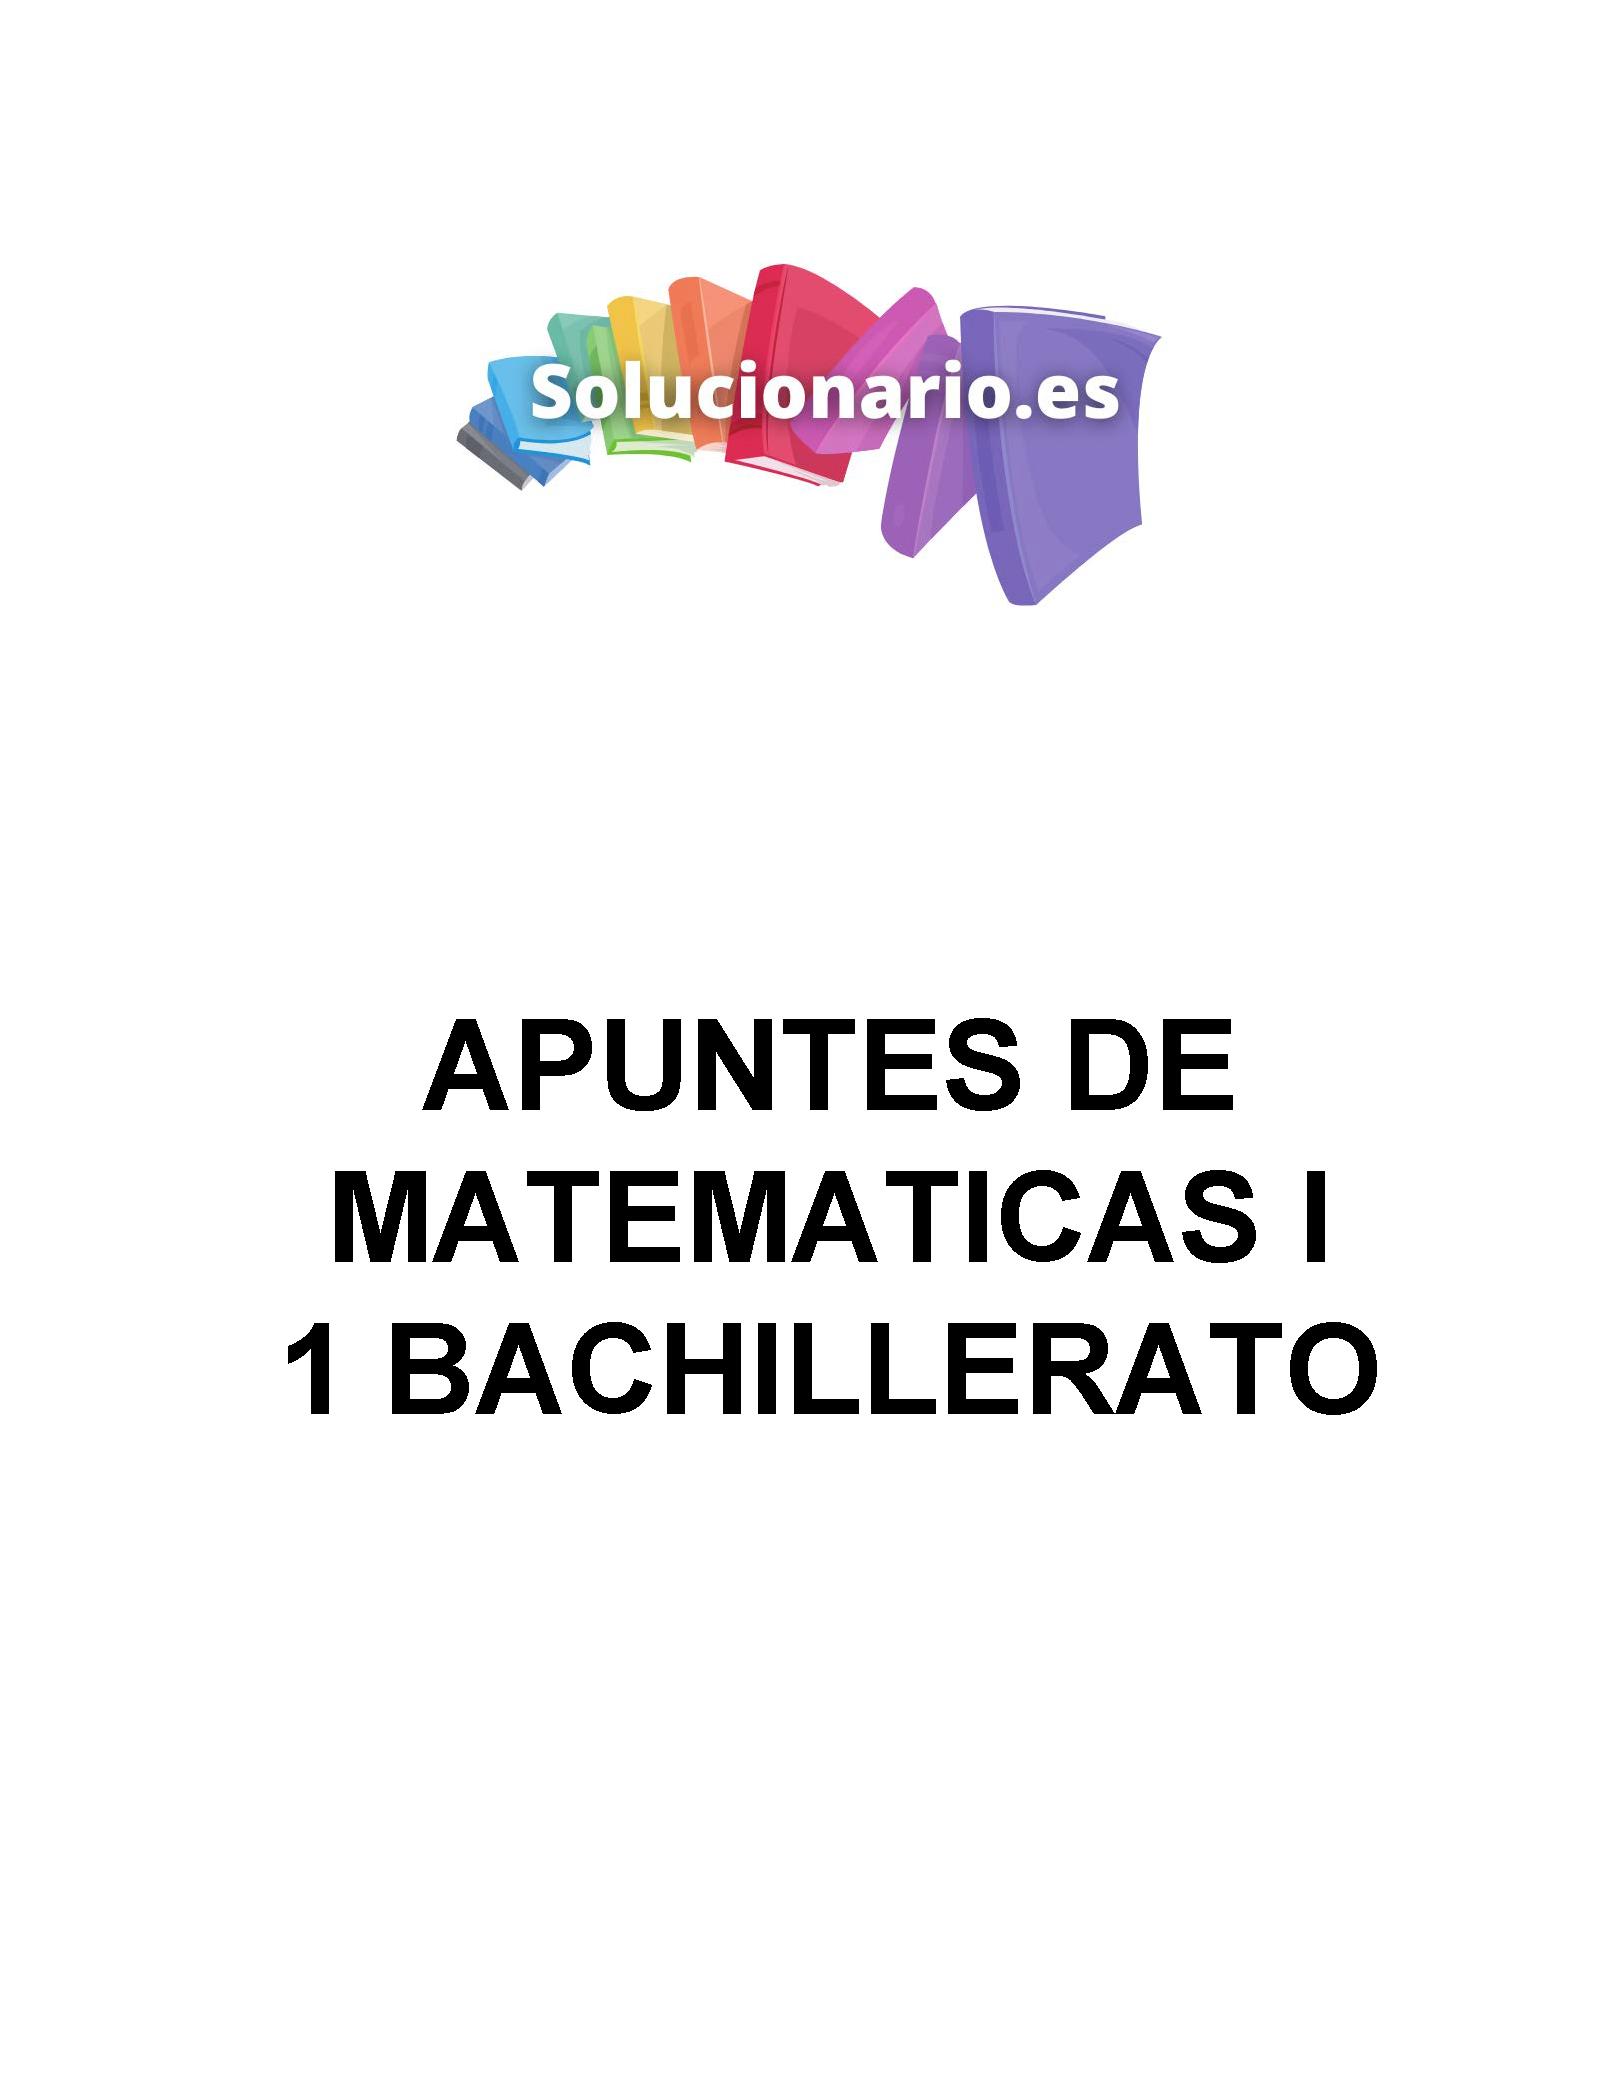 Apuntes Matemáticas Académicas Geometría Analítica 1 Bachillerato 2020 / 2021